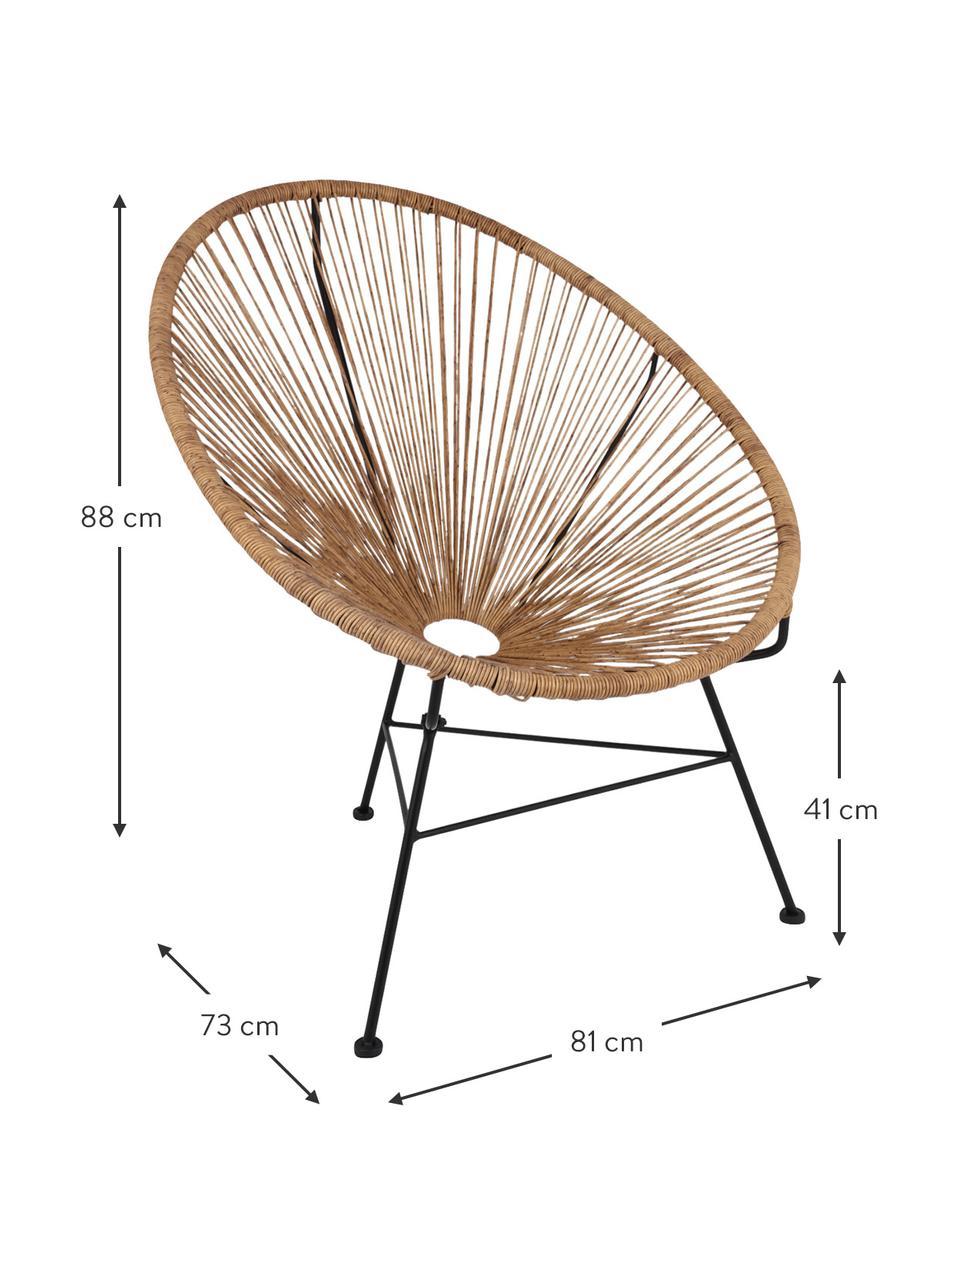 Fotel wypoczynkowy ze splotu z tworzywa sztucznego Bahia, Beżowy, S 81 x G 73 cm